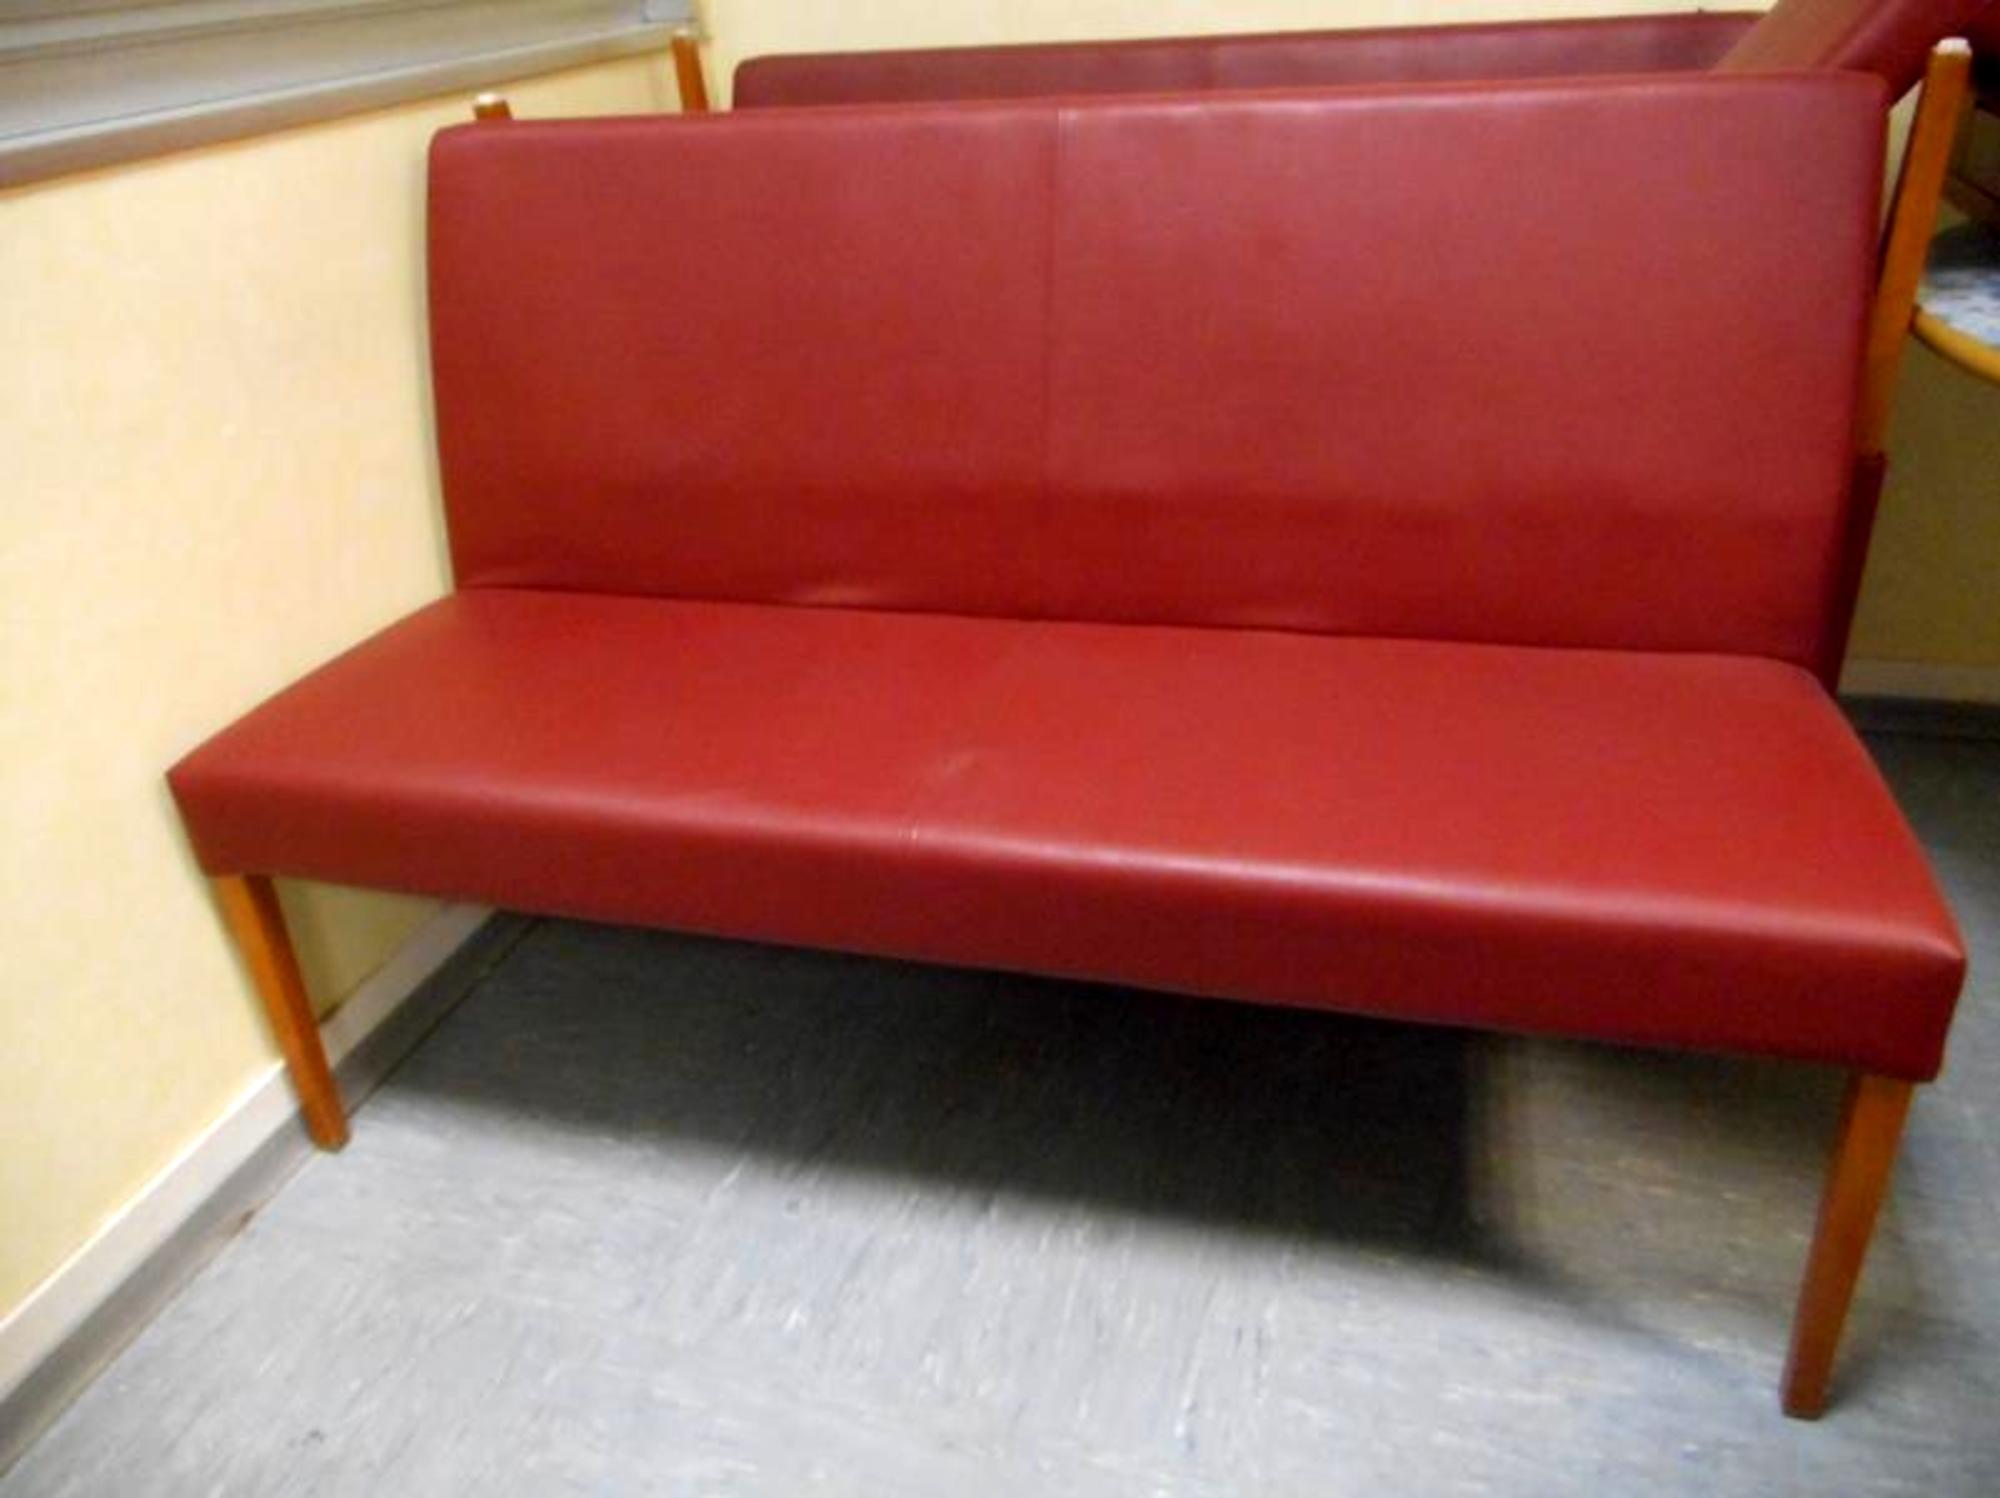 banquette de restaurant en lot de 2 unit s chaise d 39 occasion aux ench res agorastore. Black Bedroom Furniture Sets. Home Design Ideas